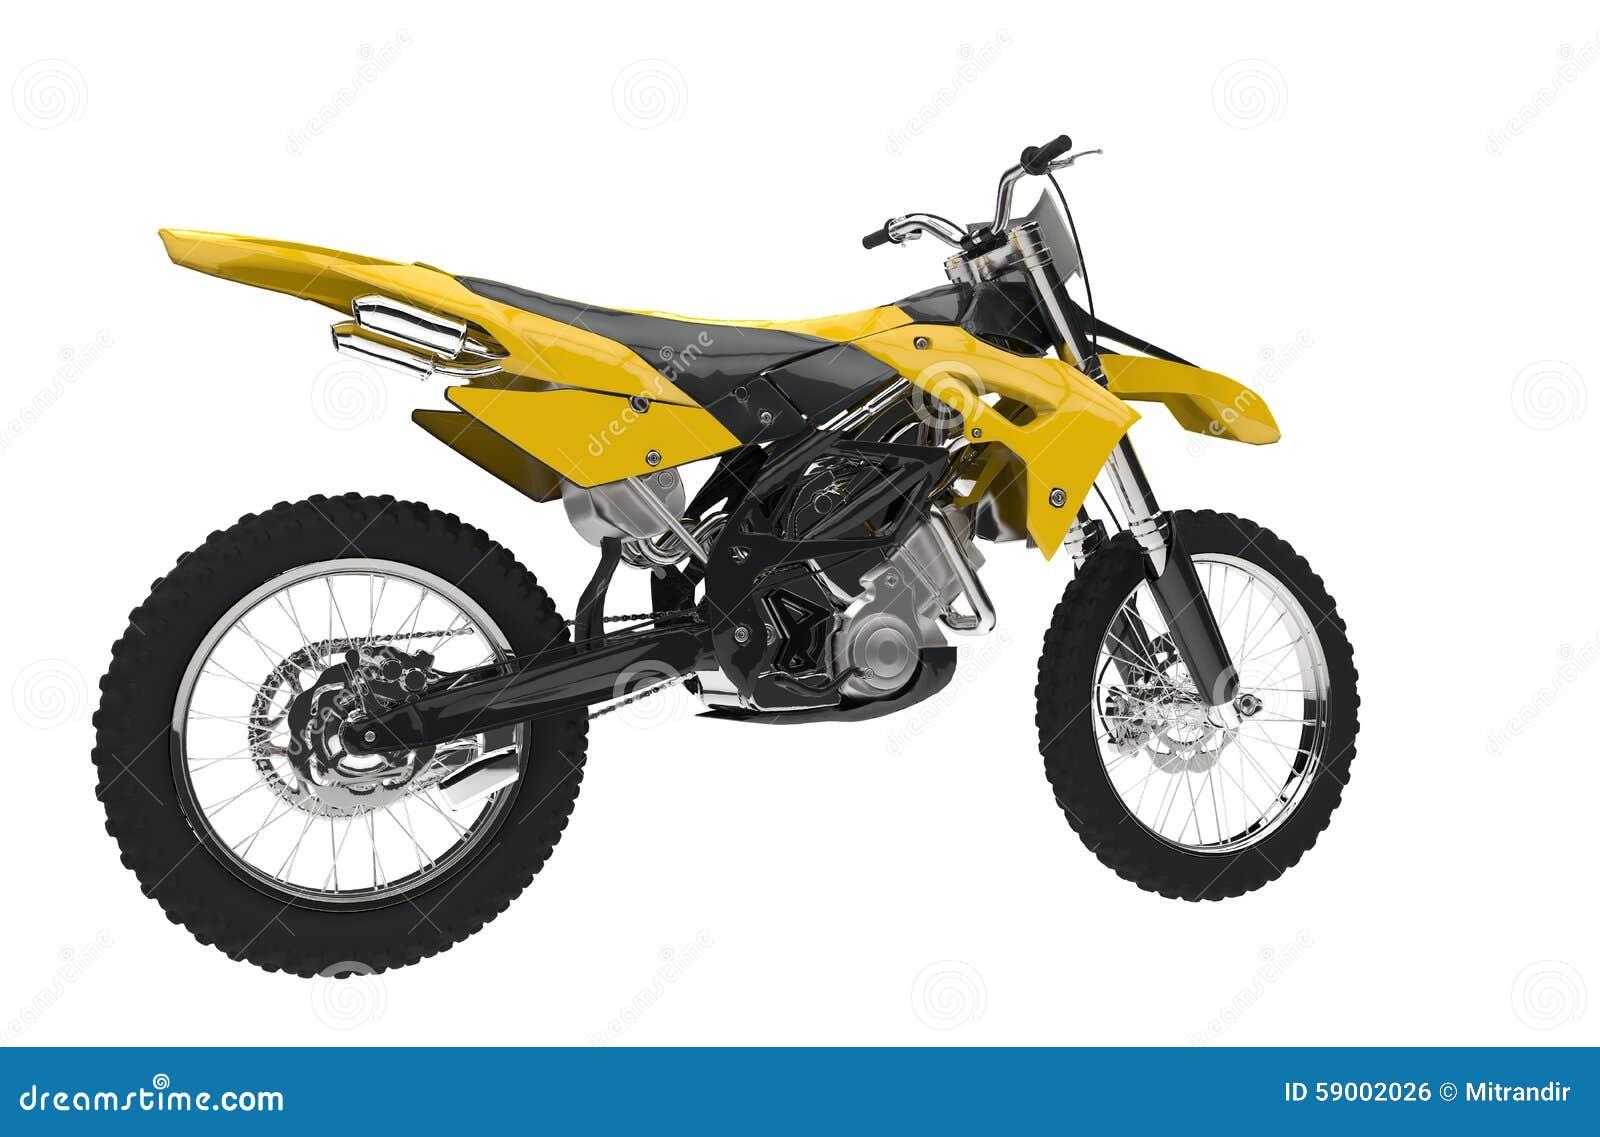 Yamaha Youth Motorcycle